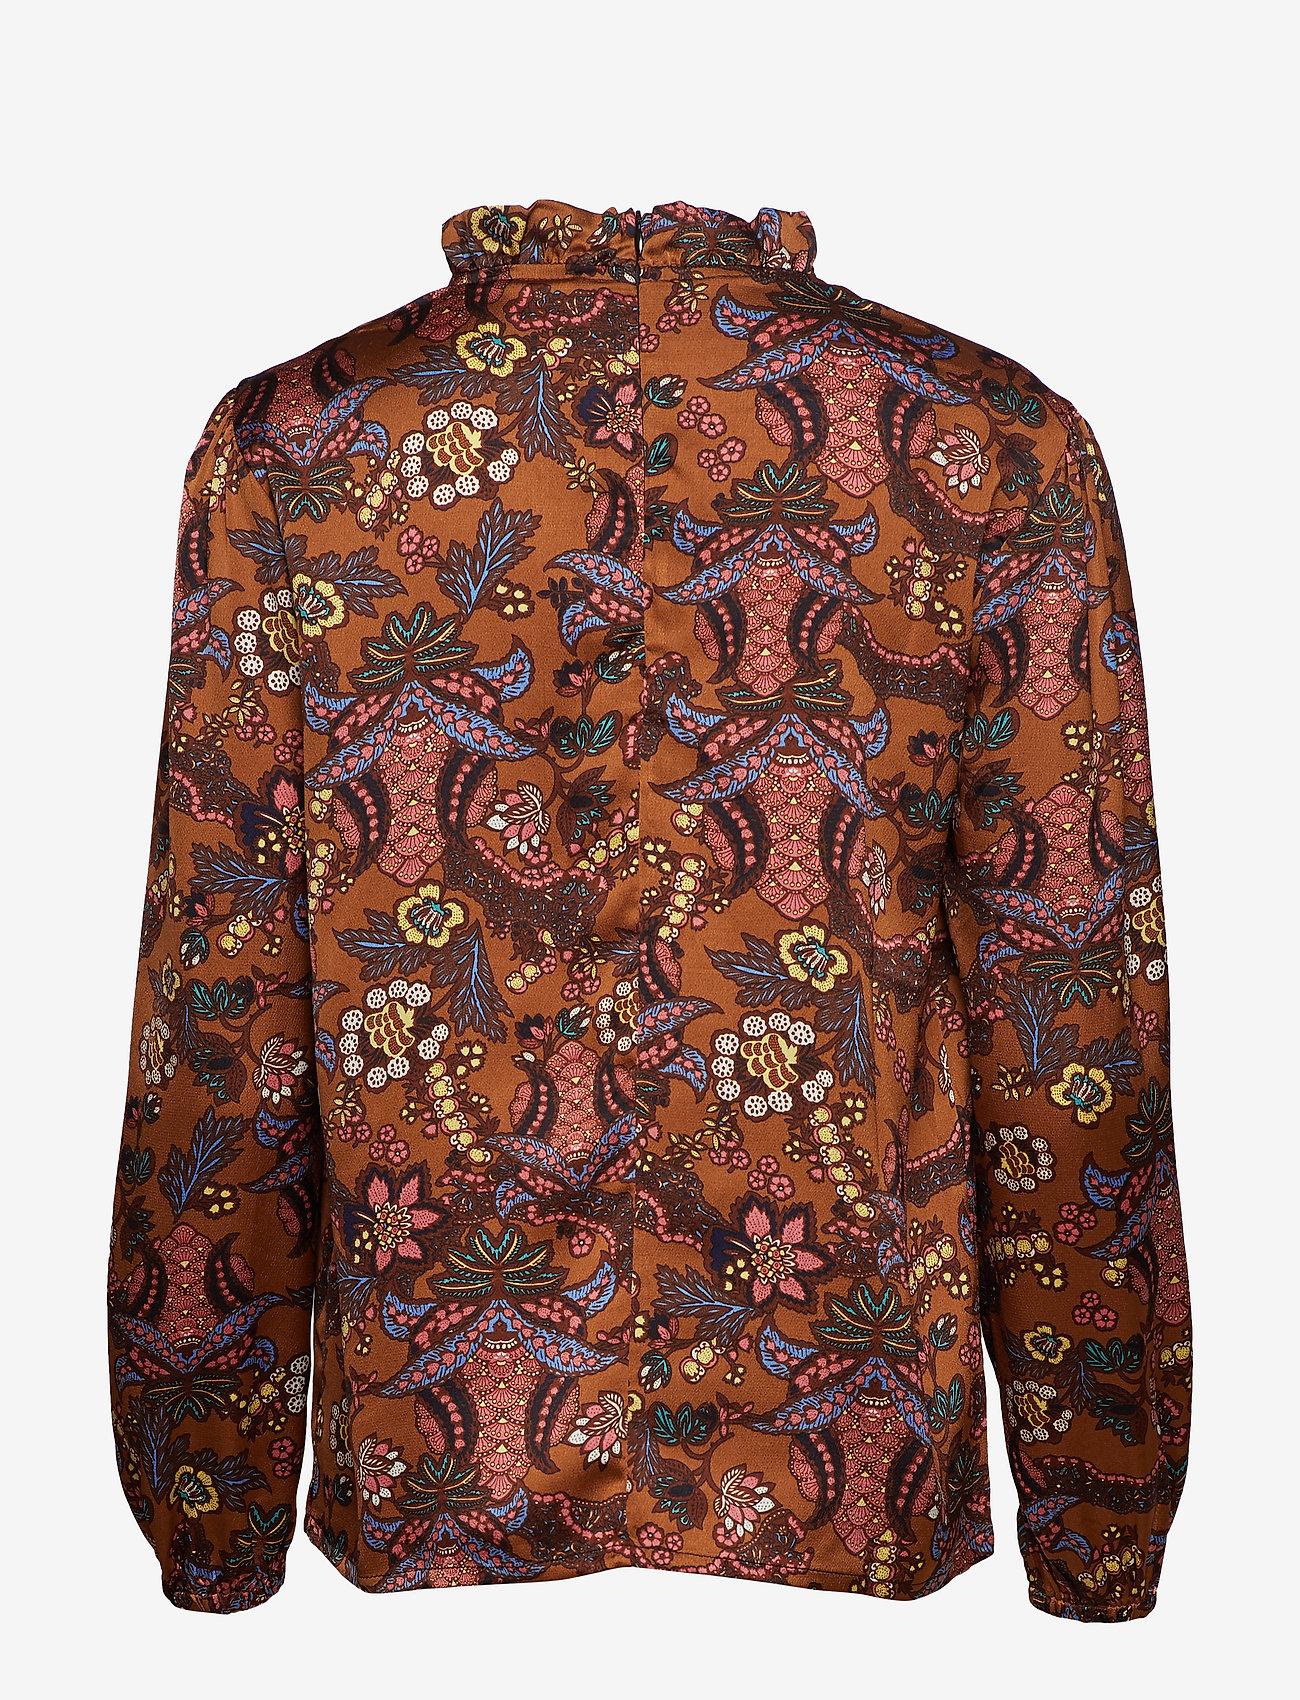 Minus Cardi blouse - Bluzki & Koszule AUTUMN BLOOM TOBACCO PRINT - Kobiety Odzież.